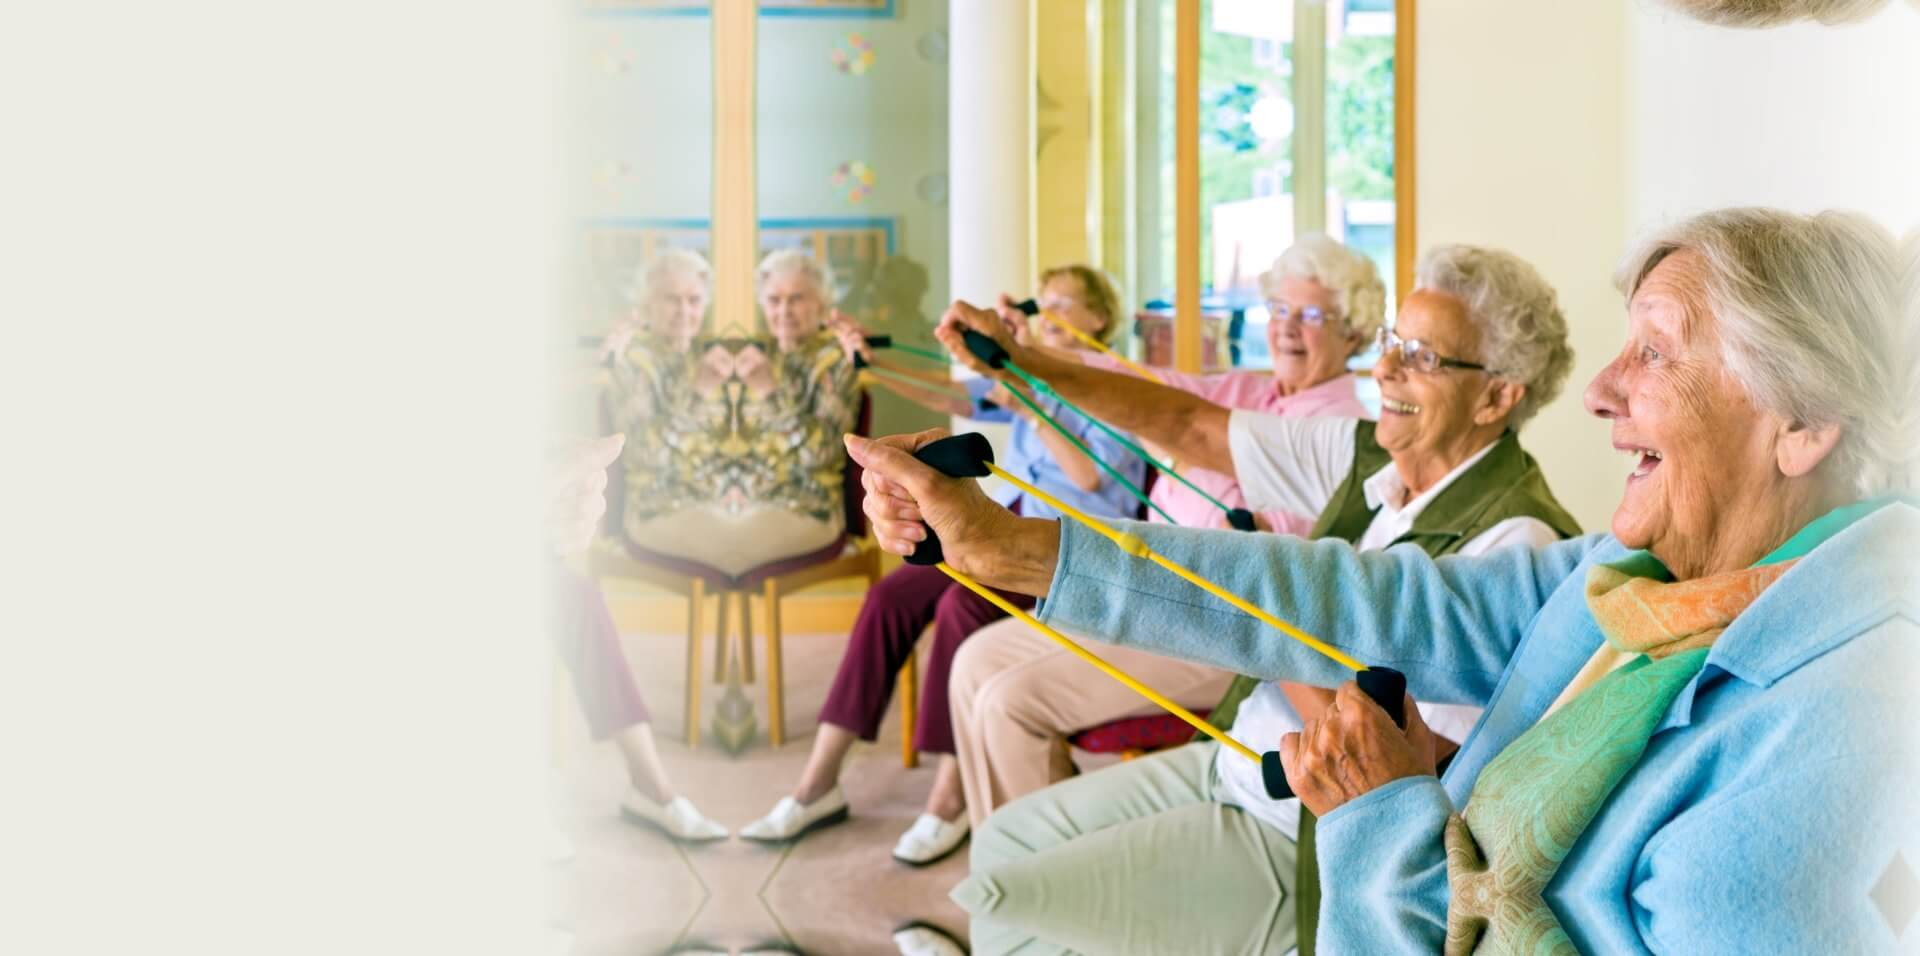 lovely grandmas doing their daily exercise